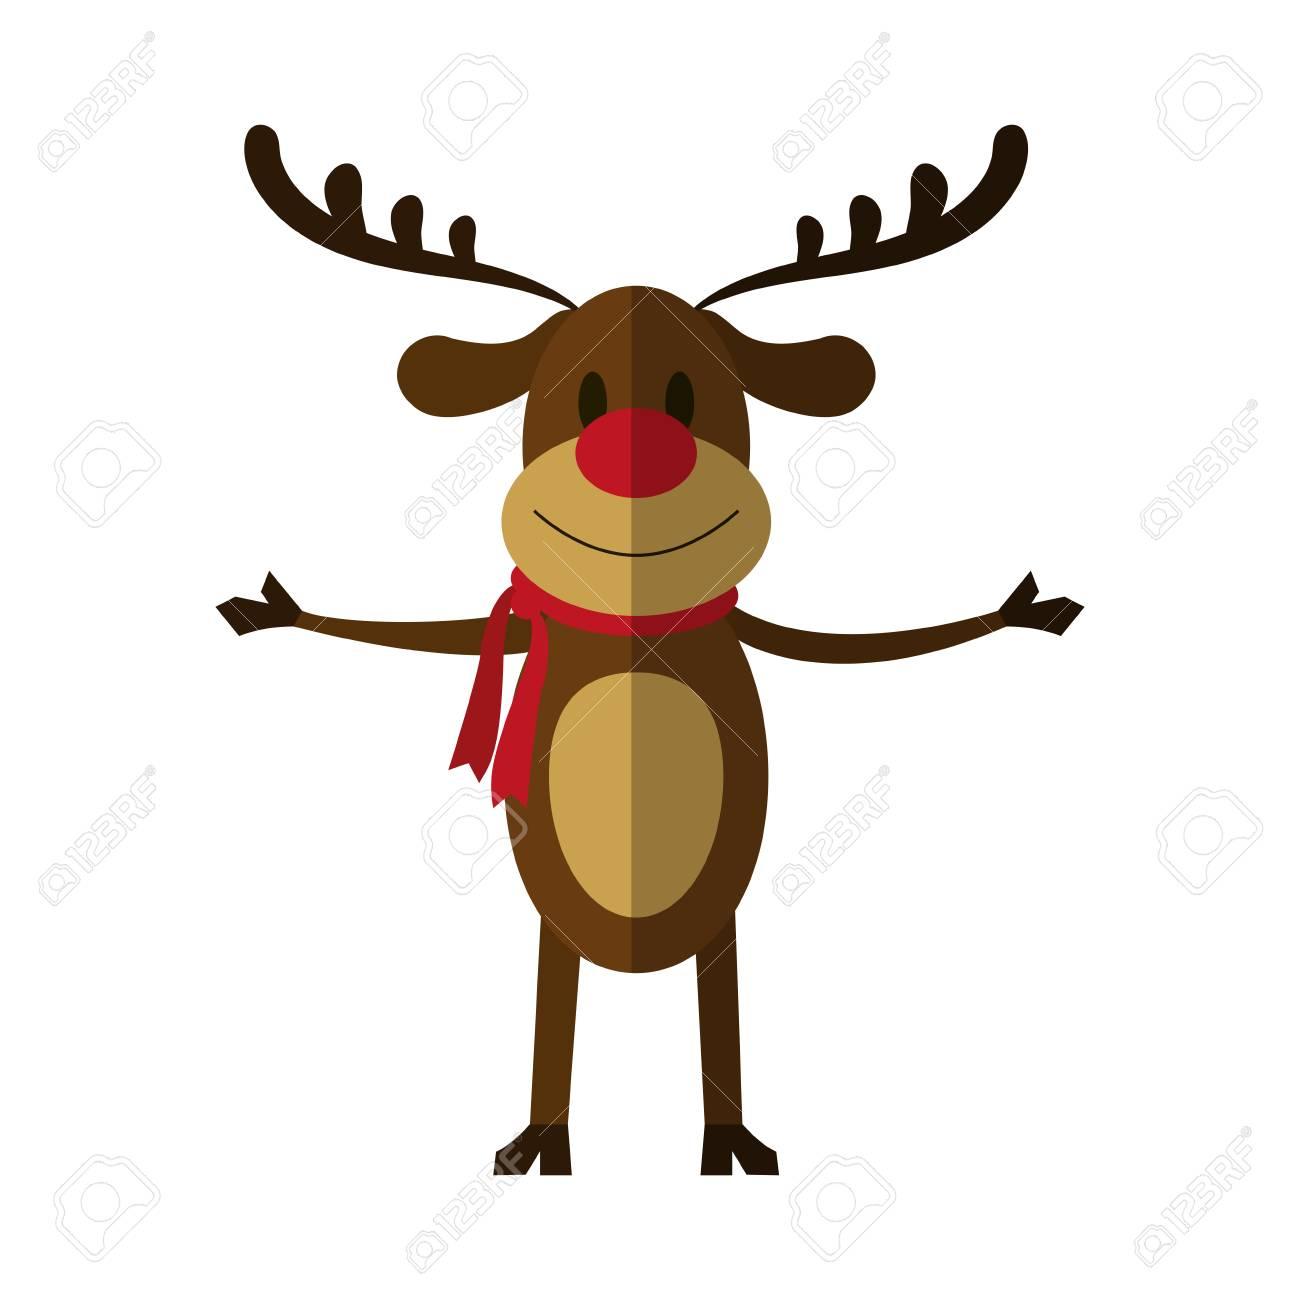 ルドルフ赤鼻のトナカイ クリスマス文字アイコン画像ベクトル イラスト